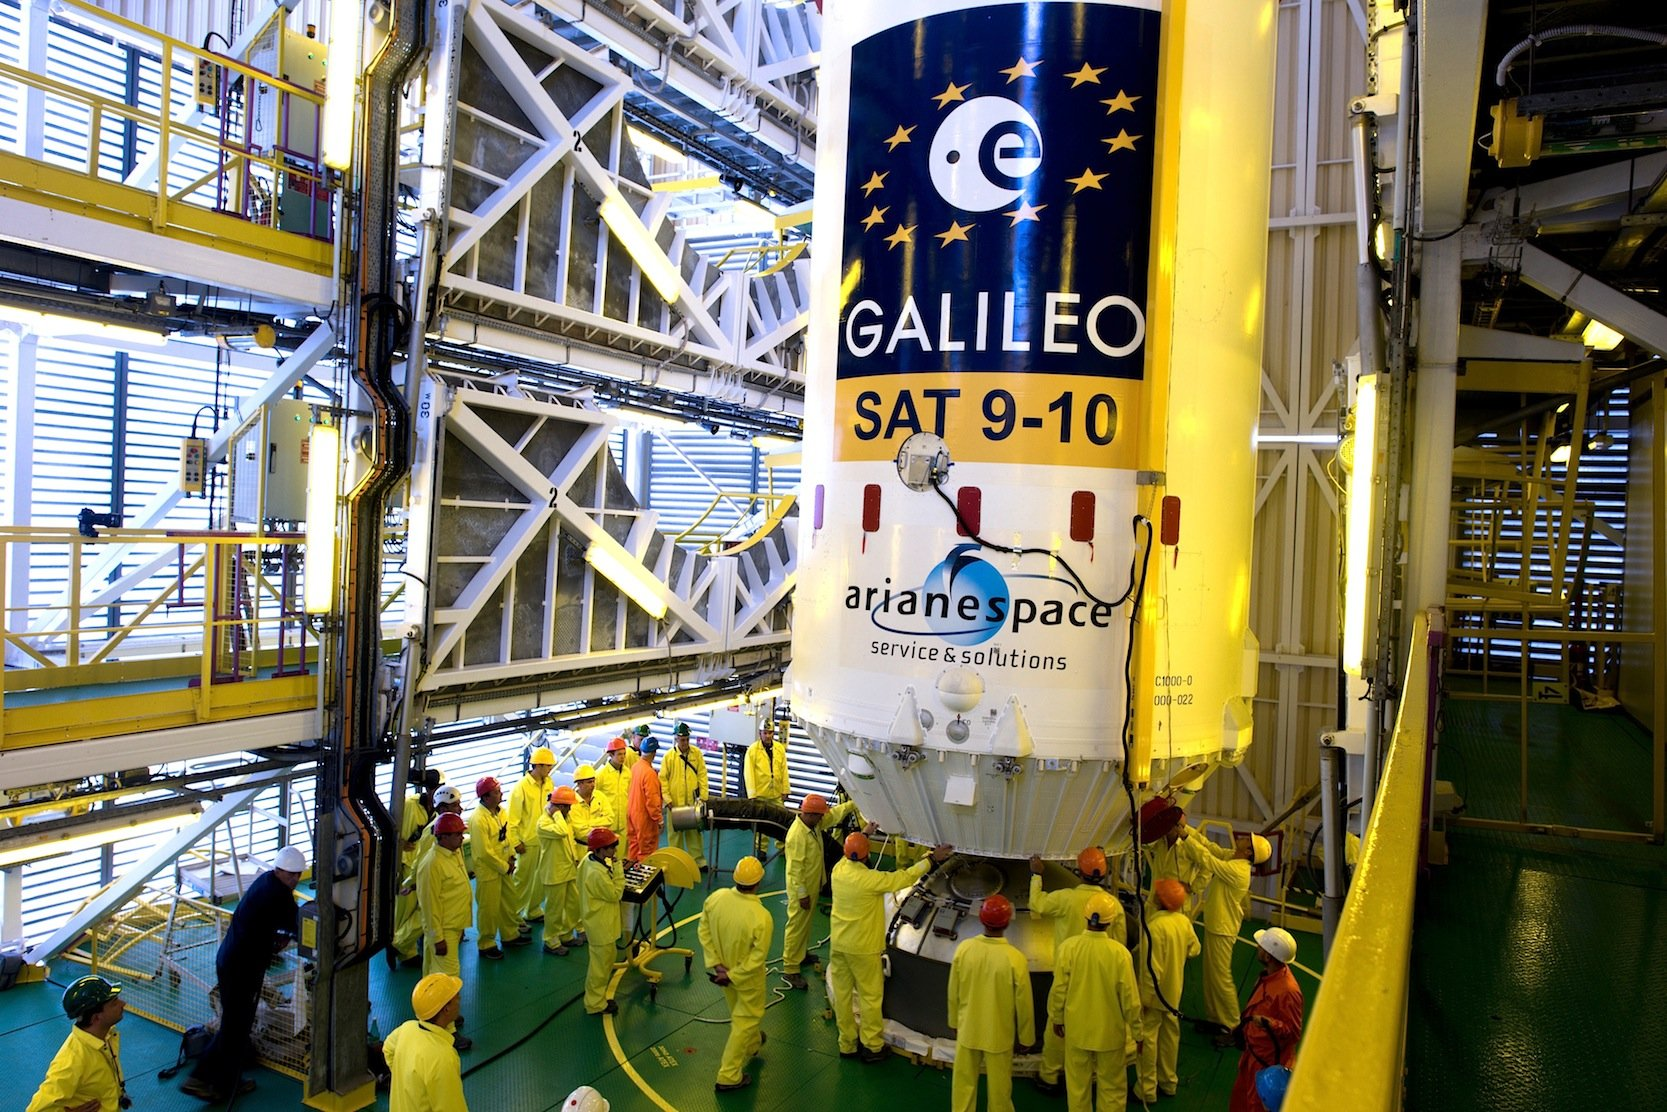 Galileo-Satelliten der ESA: Die Europäische Raumfahrtbehörde will die Ultrakondensatoren von Skeleton ab 2018 in Satelliten einsetzen.